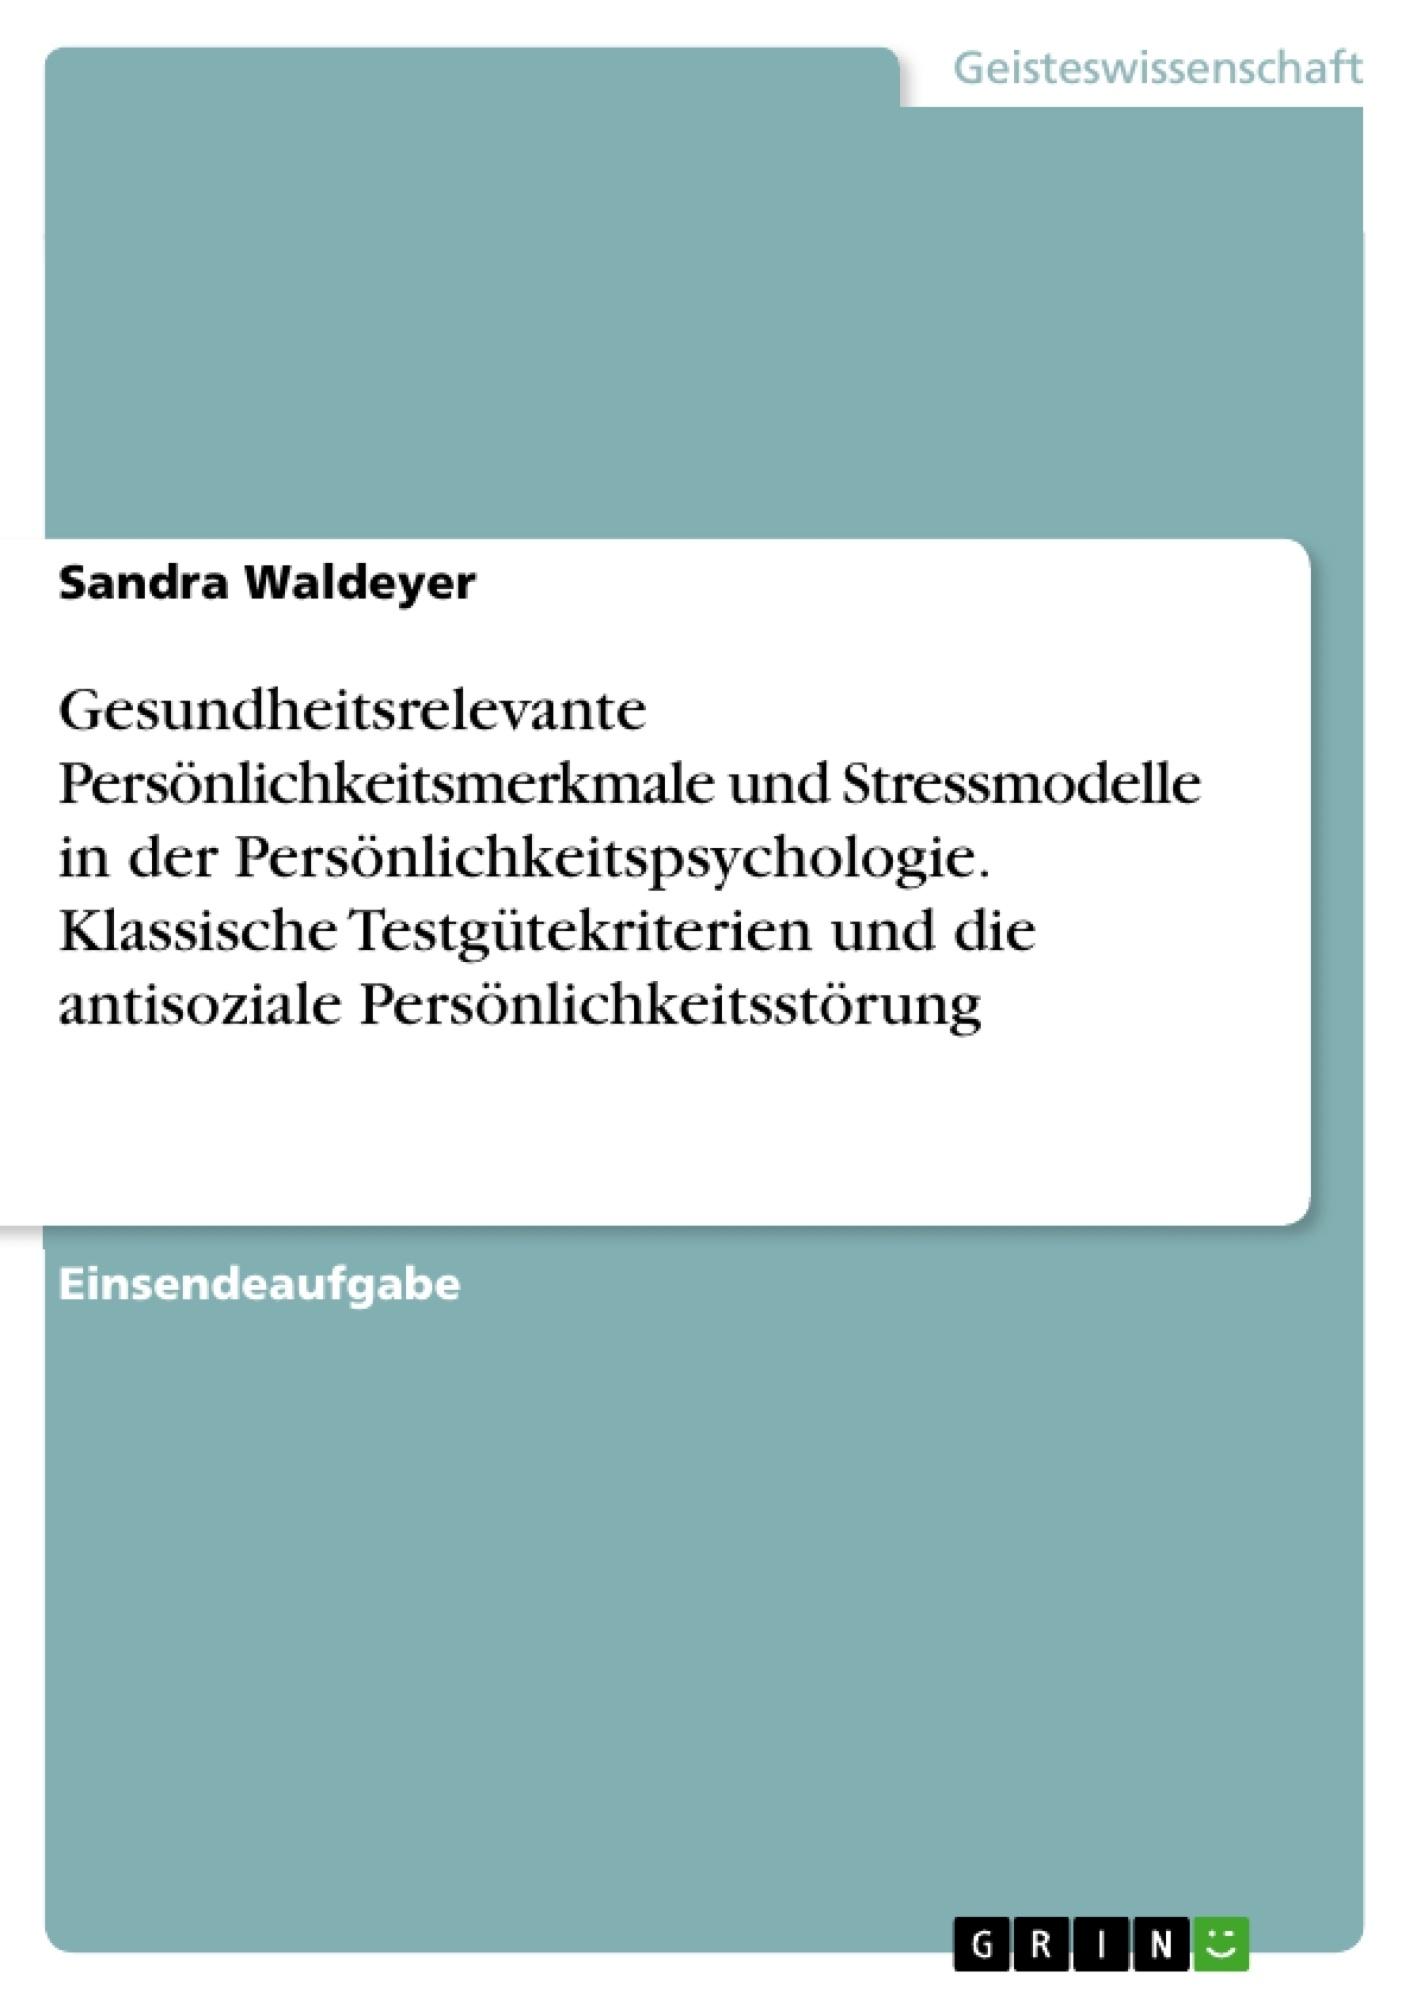 Titel: Gesundheitsrelevante Persönlichkeitsmerkmale und Stressmodelle in der Persönlichkeitspsychologie. Klassische Testgütekriterien und die antisoziale Persönlichkeitsstörung